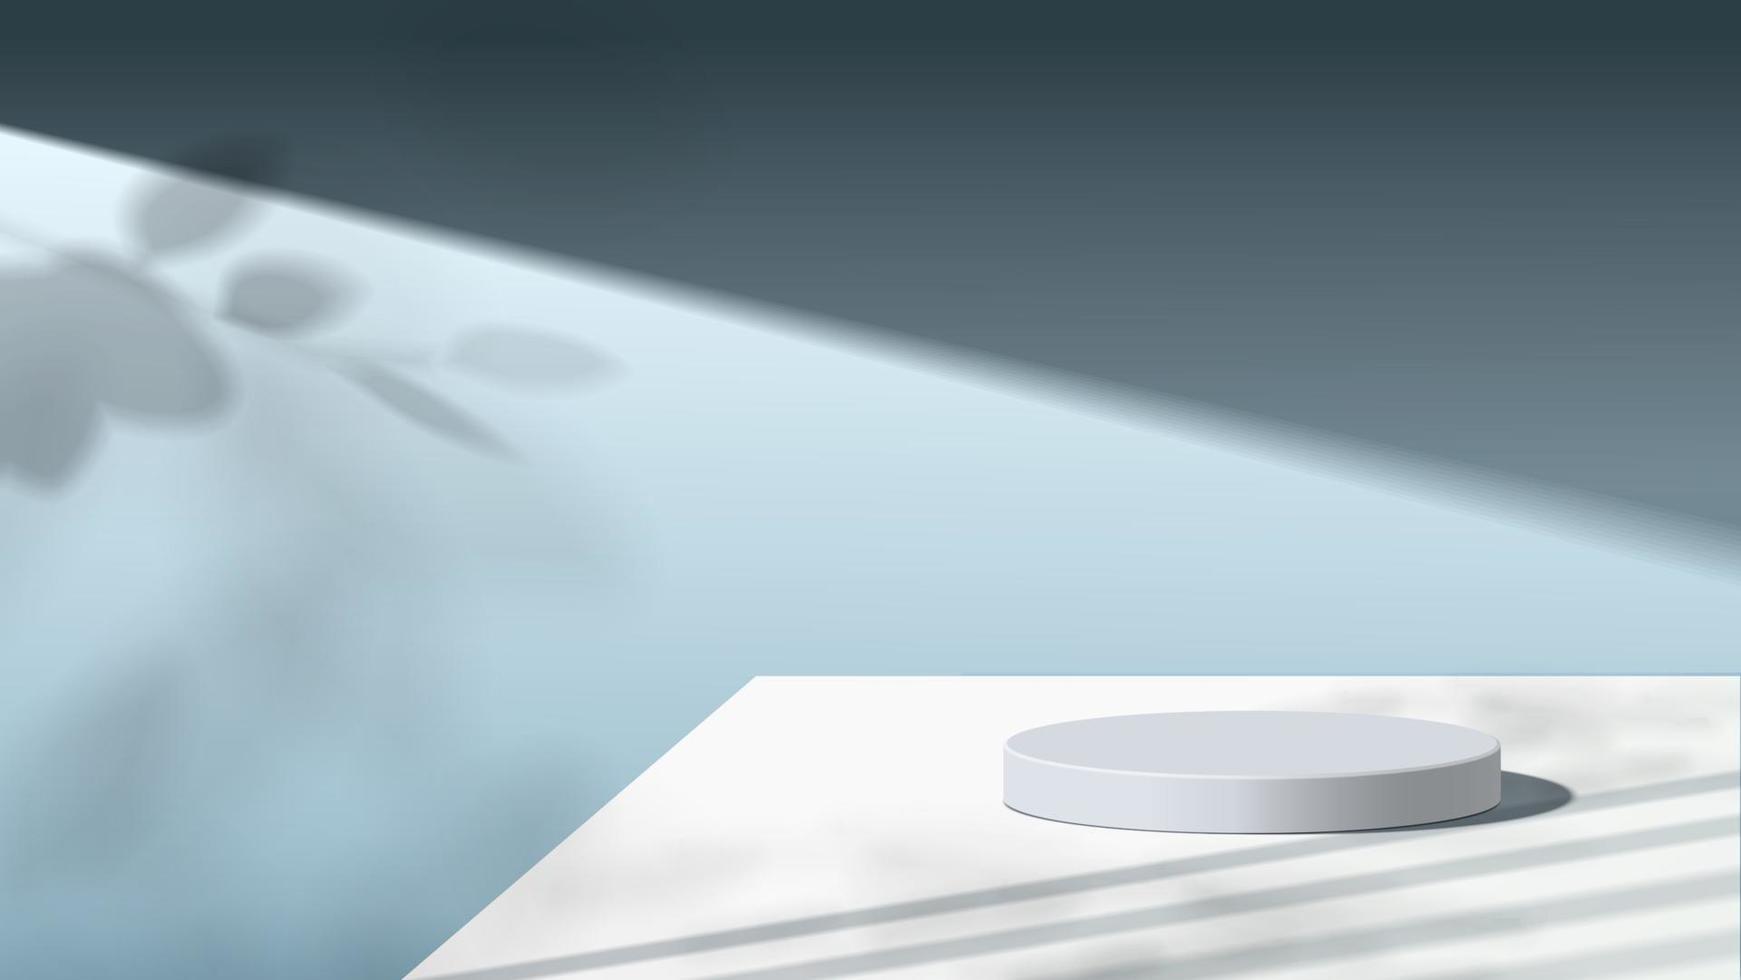 scena minimale astratta con forme geometriche. podio in legno sullo sfondo. presentazione del prodotto, modello, esposizione di prodotti cosmetici, podio, piedistallo o piattaforma. vettore 3d